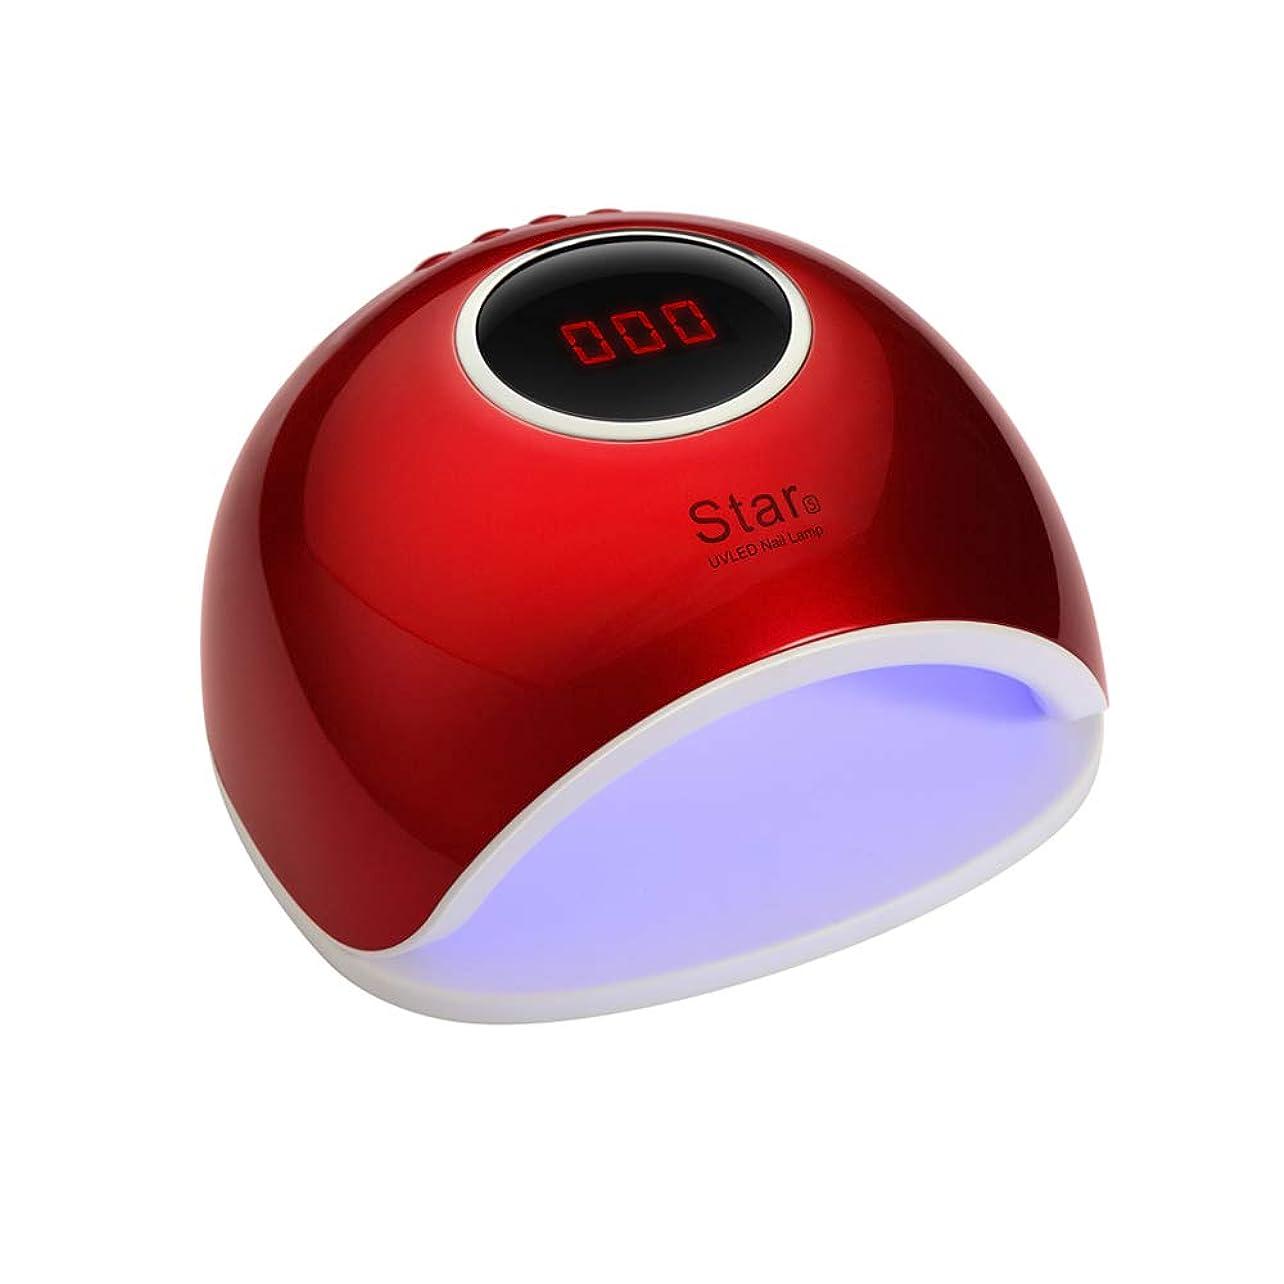 いくつかの抵当治療ネイルランプ処理機72ワットインテリジェント誘導無痛マニキュアグルーランプベーキングランプインテリジェント誘導ランプ速乾性ドライヤー